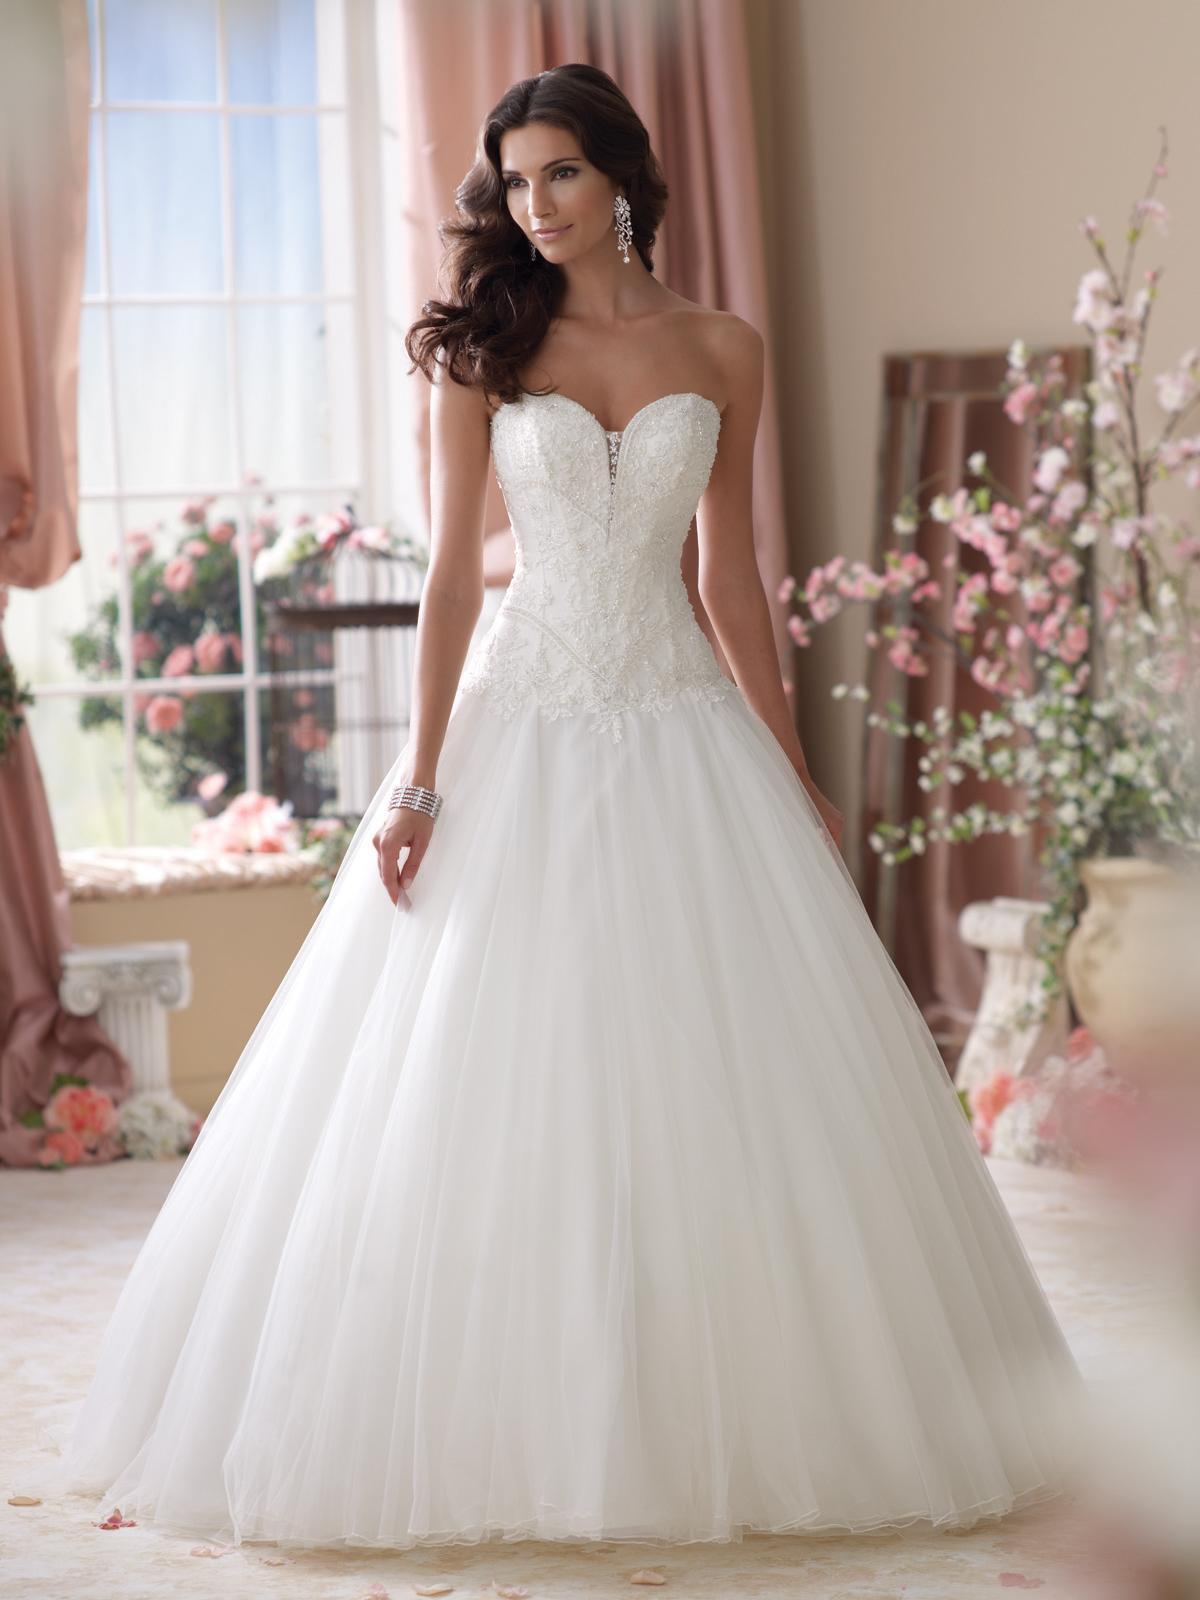 Svadobné šaty, čo sa mi páčia :) - Obrázok č. 61